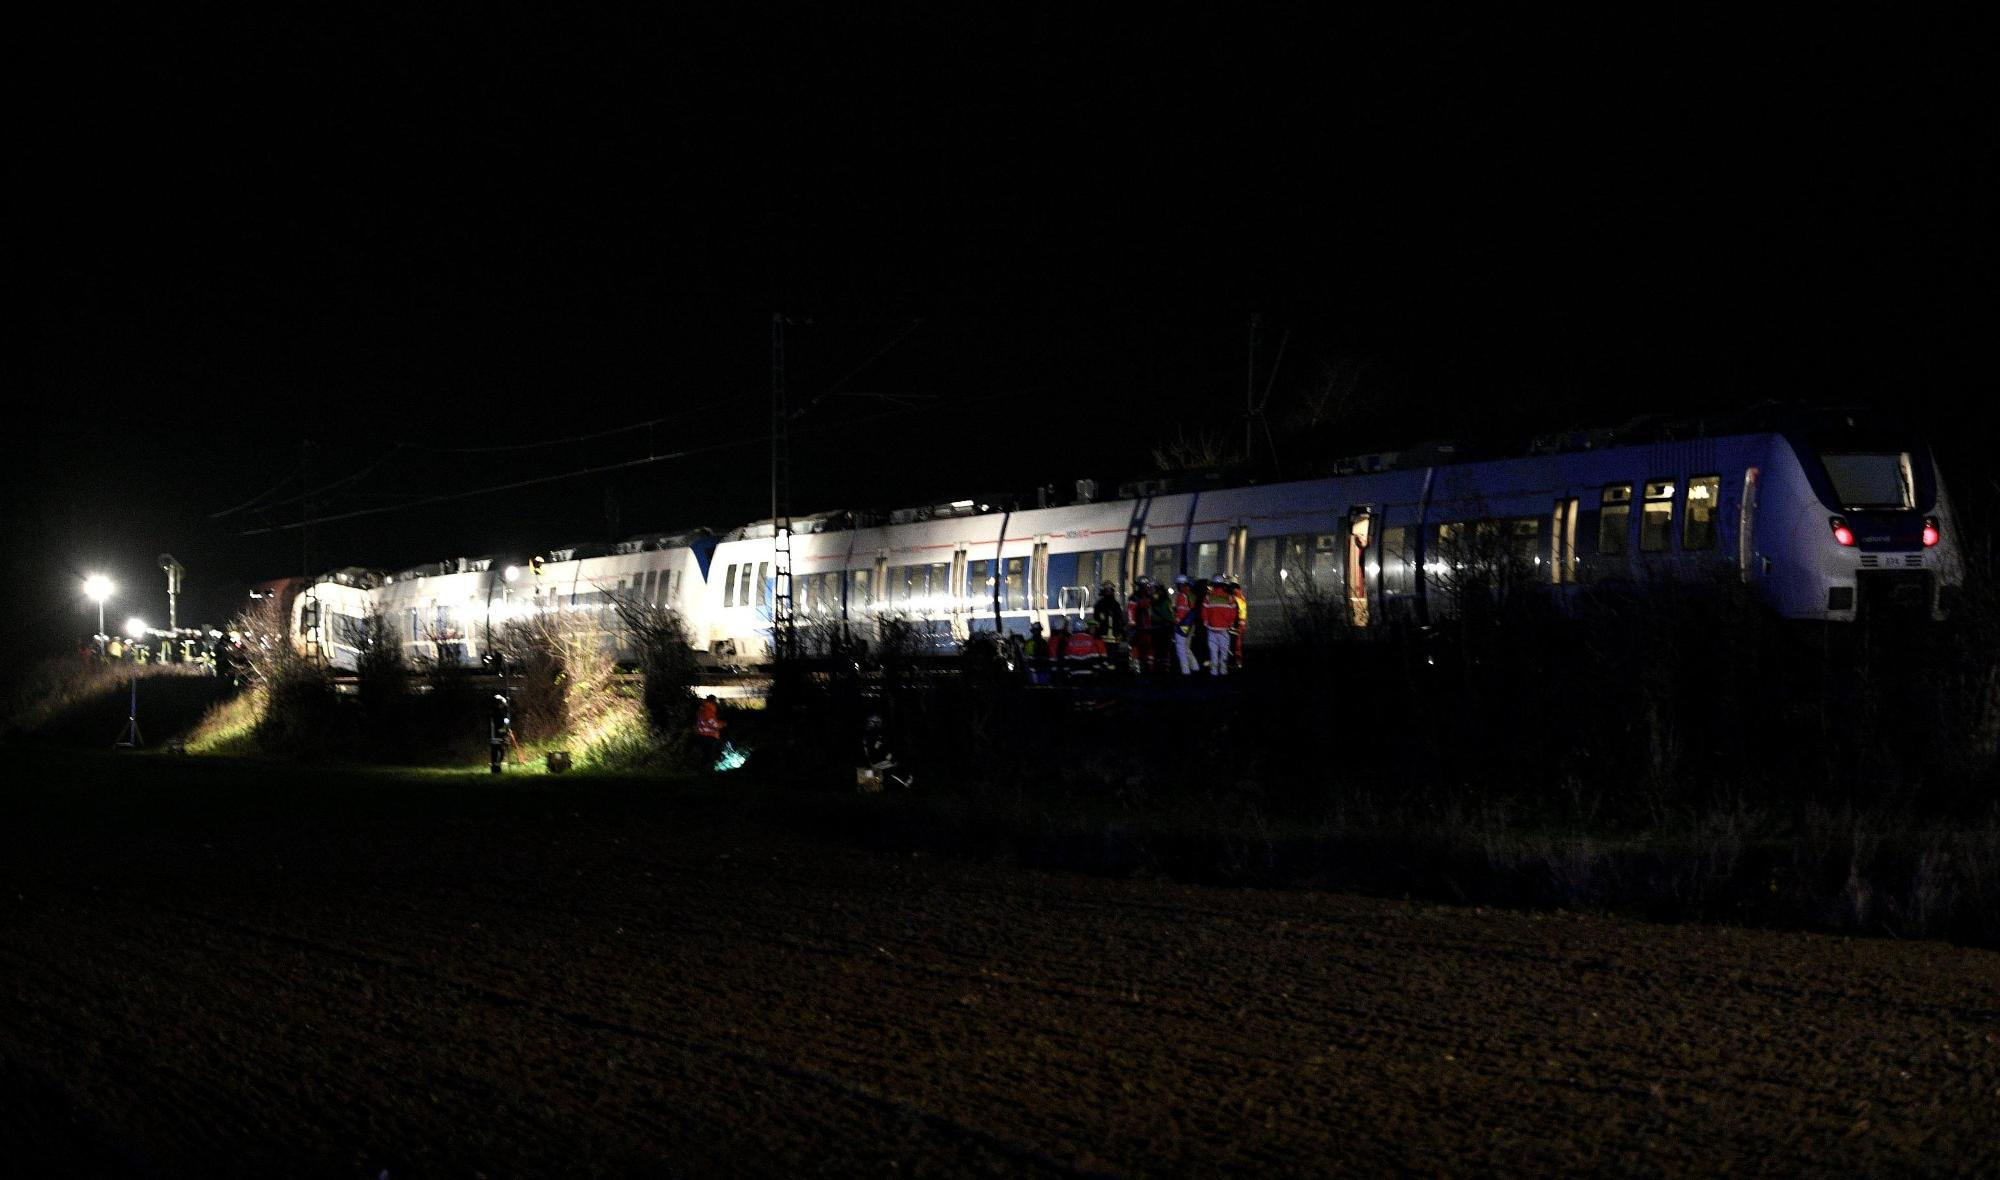 Germania, scontro tra treni: almeno 50 feriti